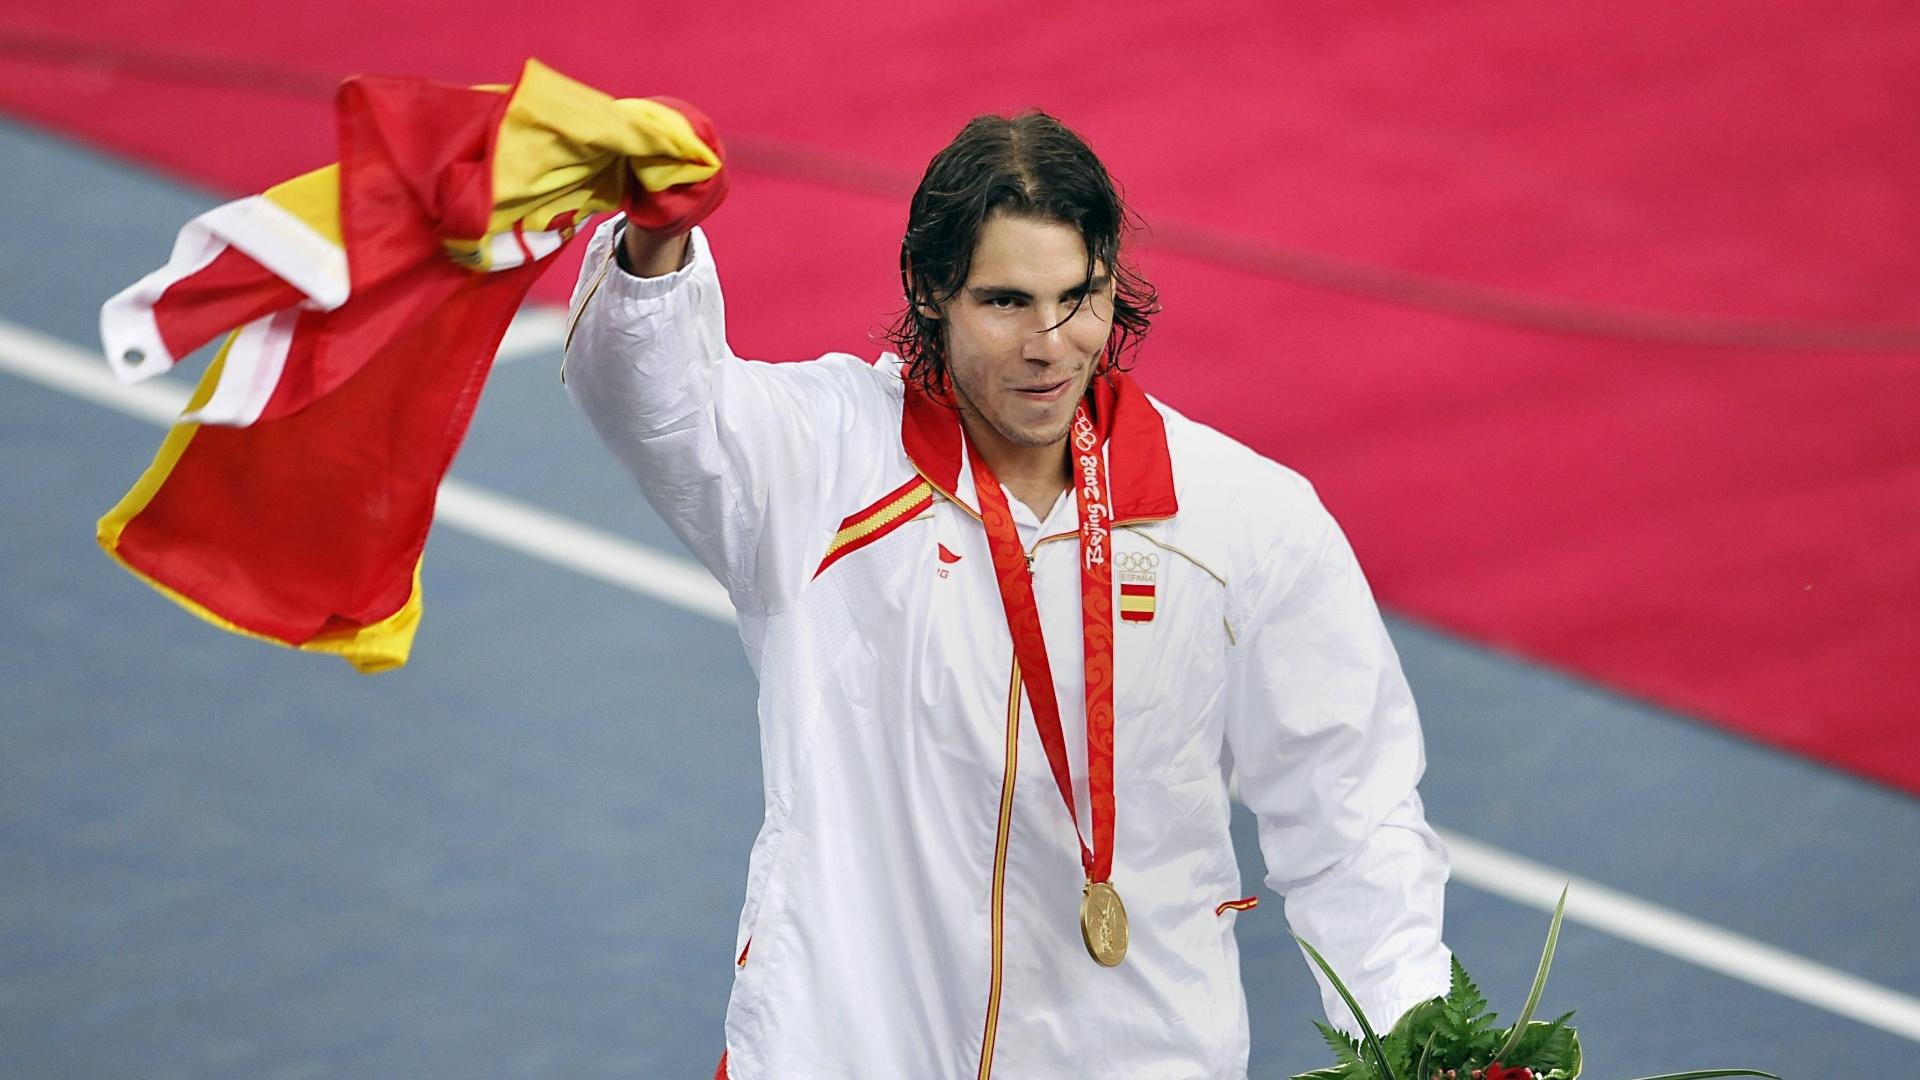 O tenista Rafael Nadal comemora com a bandeira da Espanha e sua medalha de ouro após vencer o chileno Fernando González, em Pequim